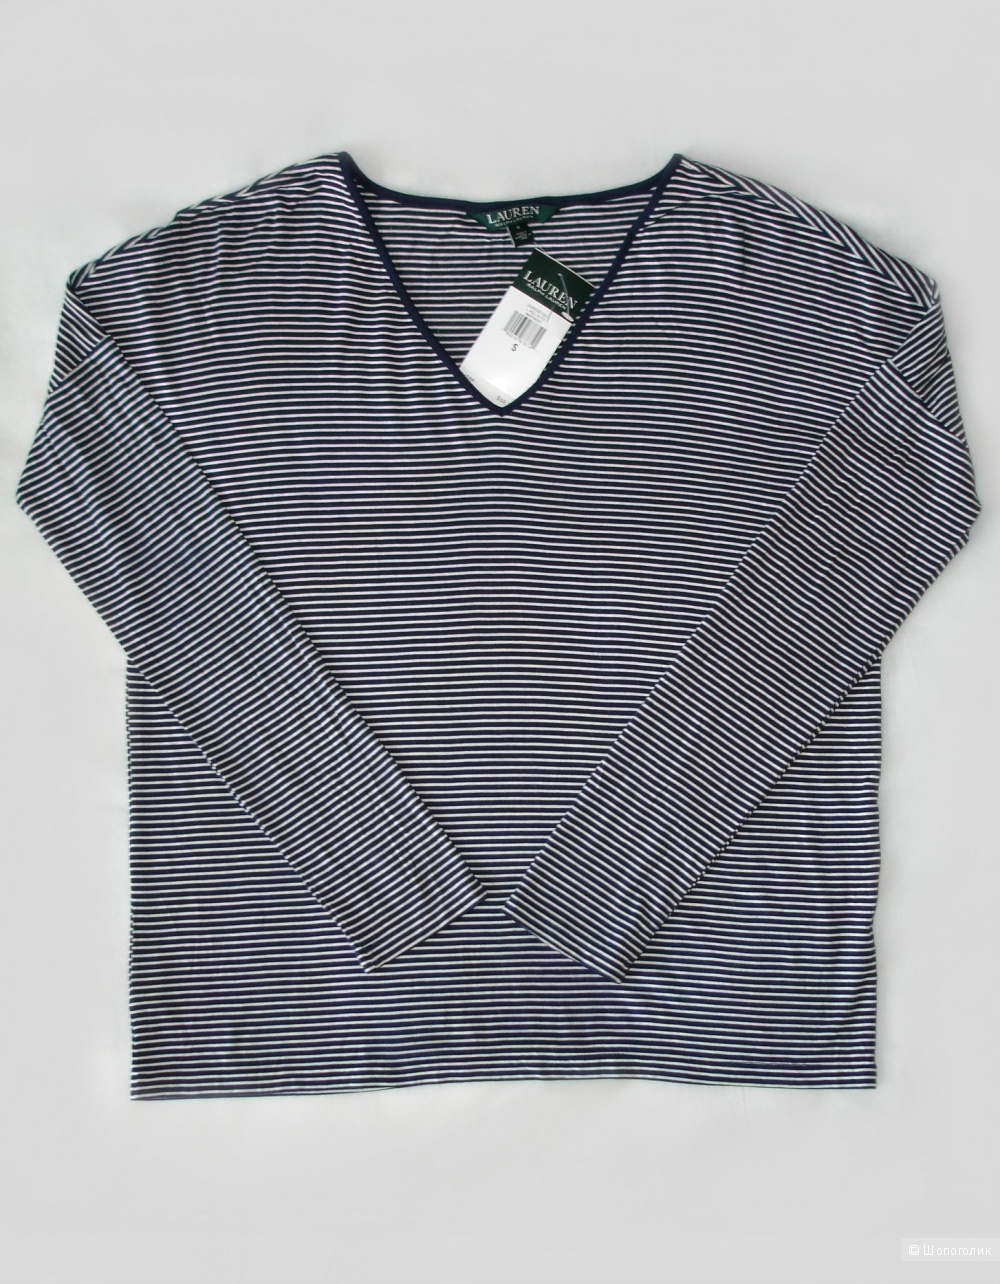 Кофточка Ralph Lauren, размер S